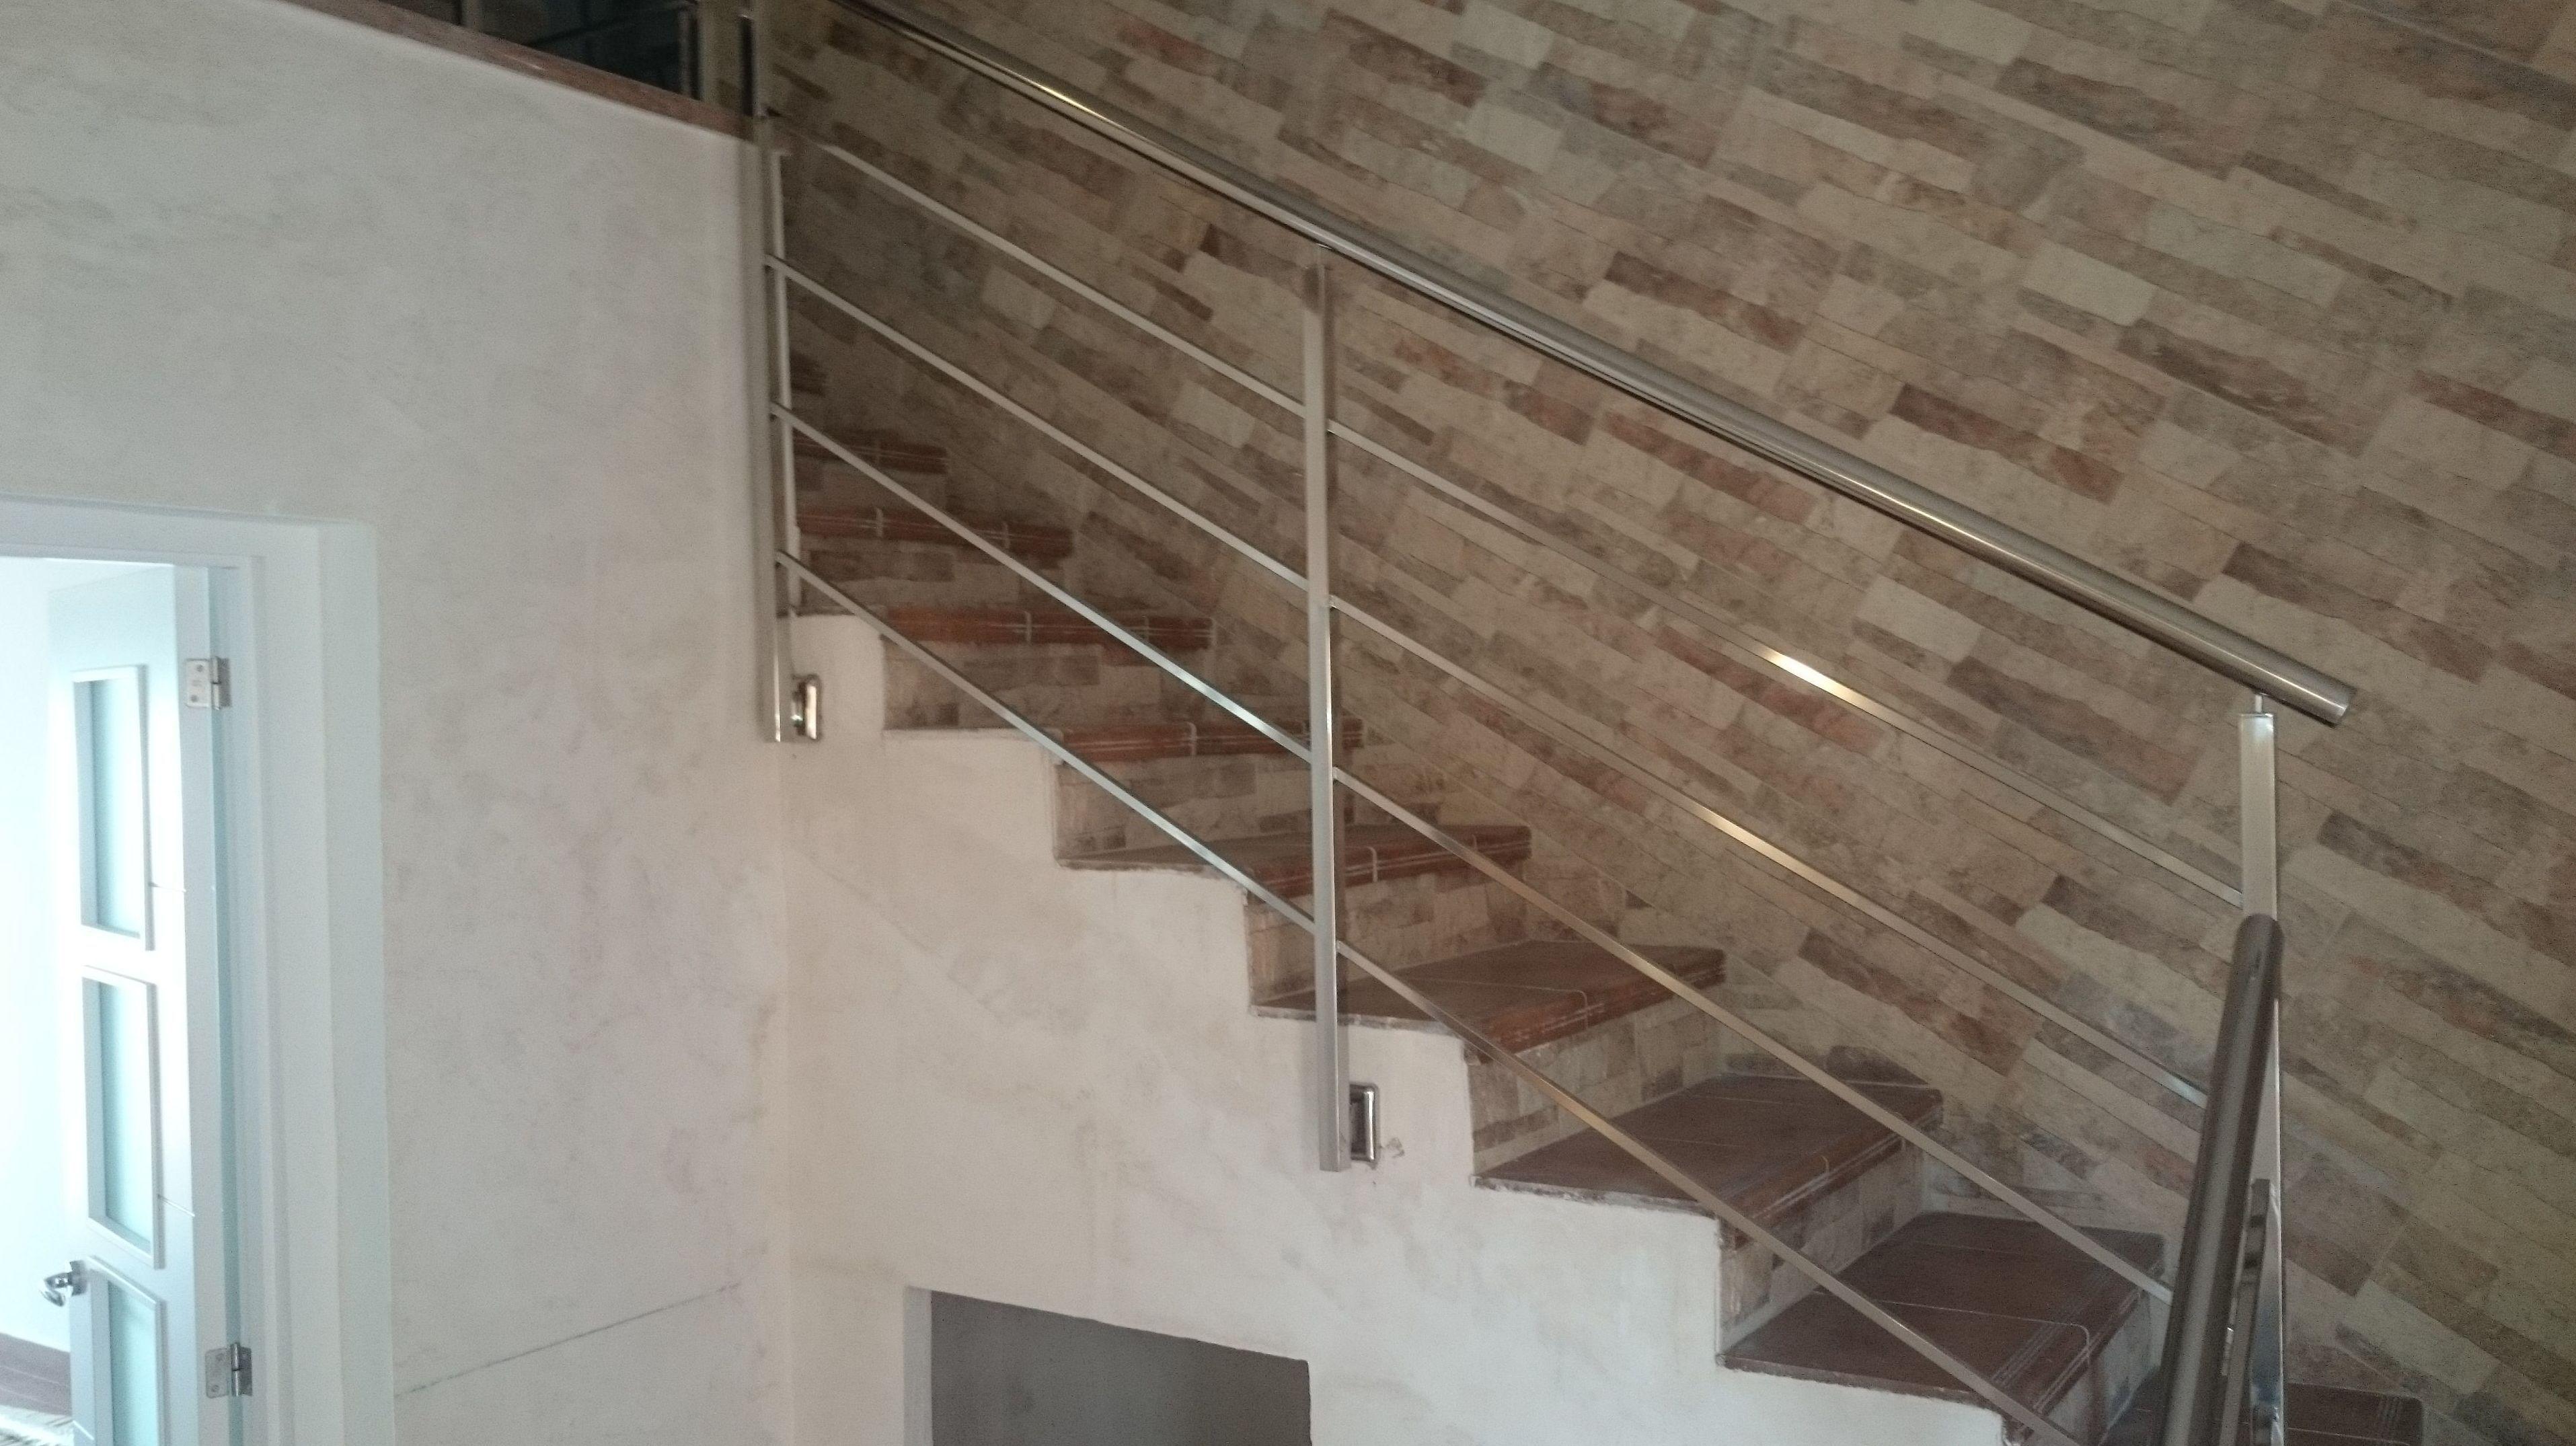 Foto 65 de Especialistas en diseños y proyectos en acero inoxidable en Alcalá de Guadaíra | Icminox